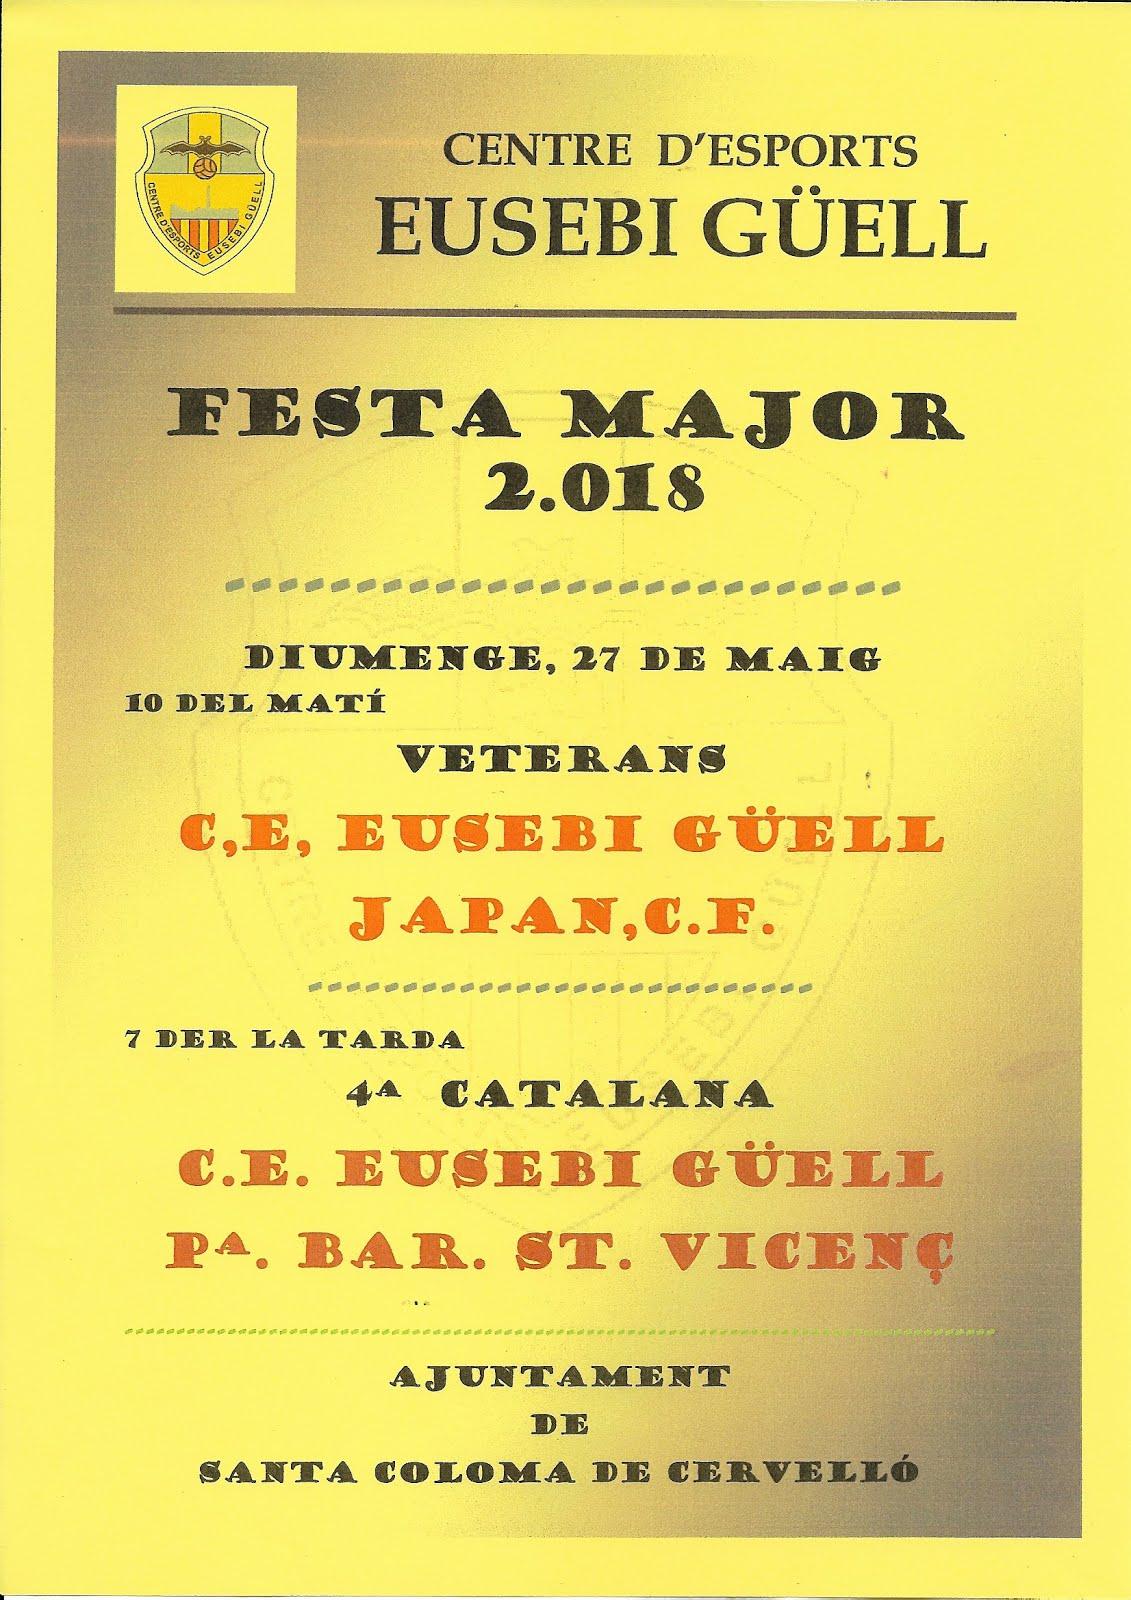 FESTA MAJOR 2018  -  PARTITS